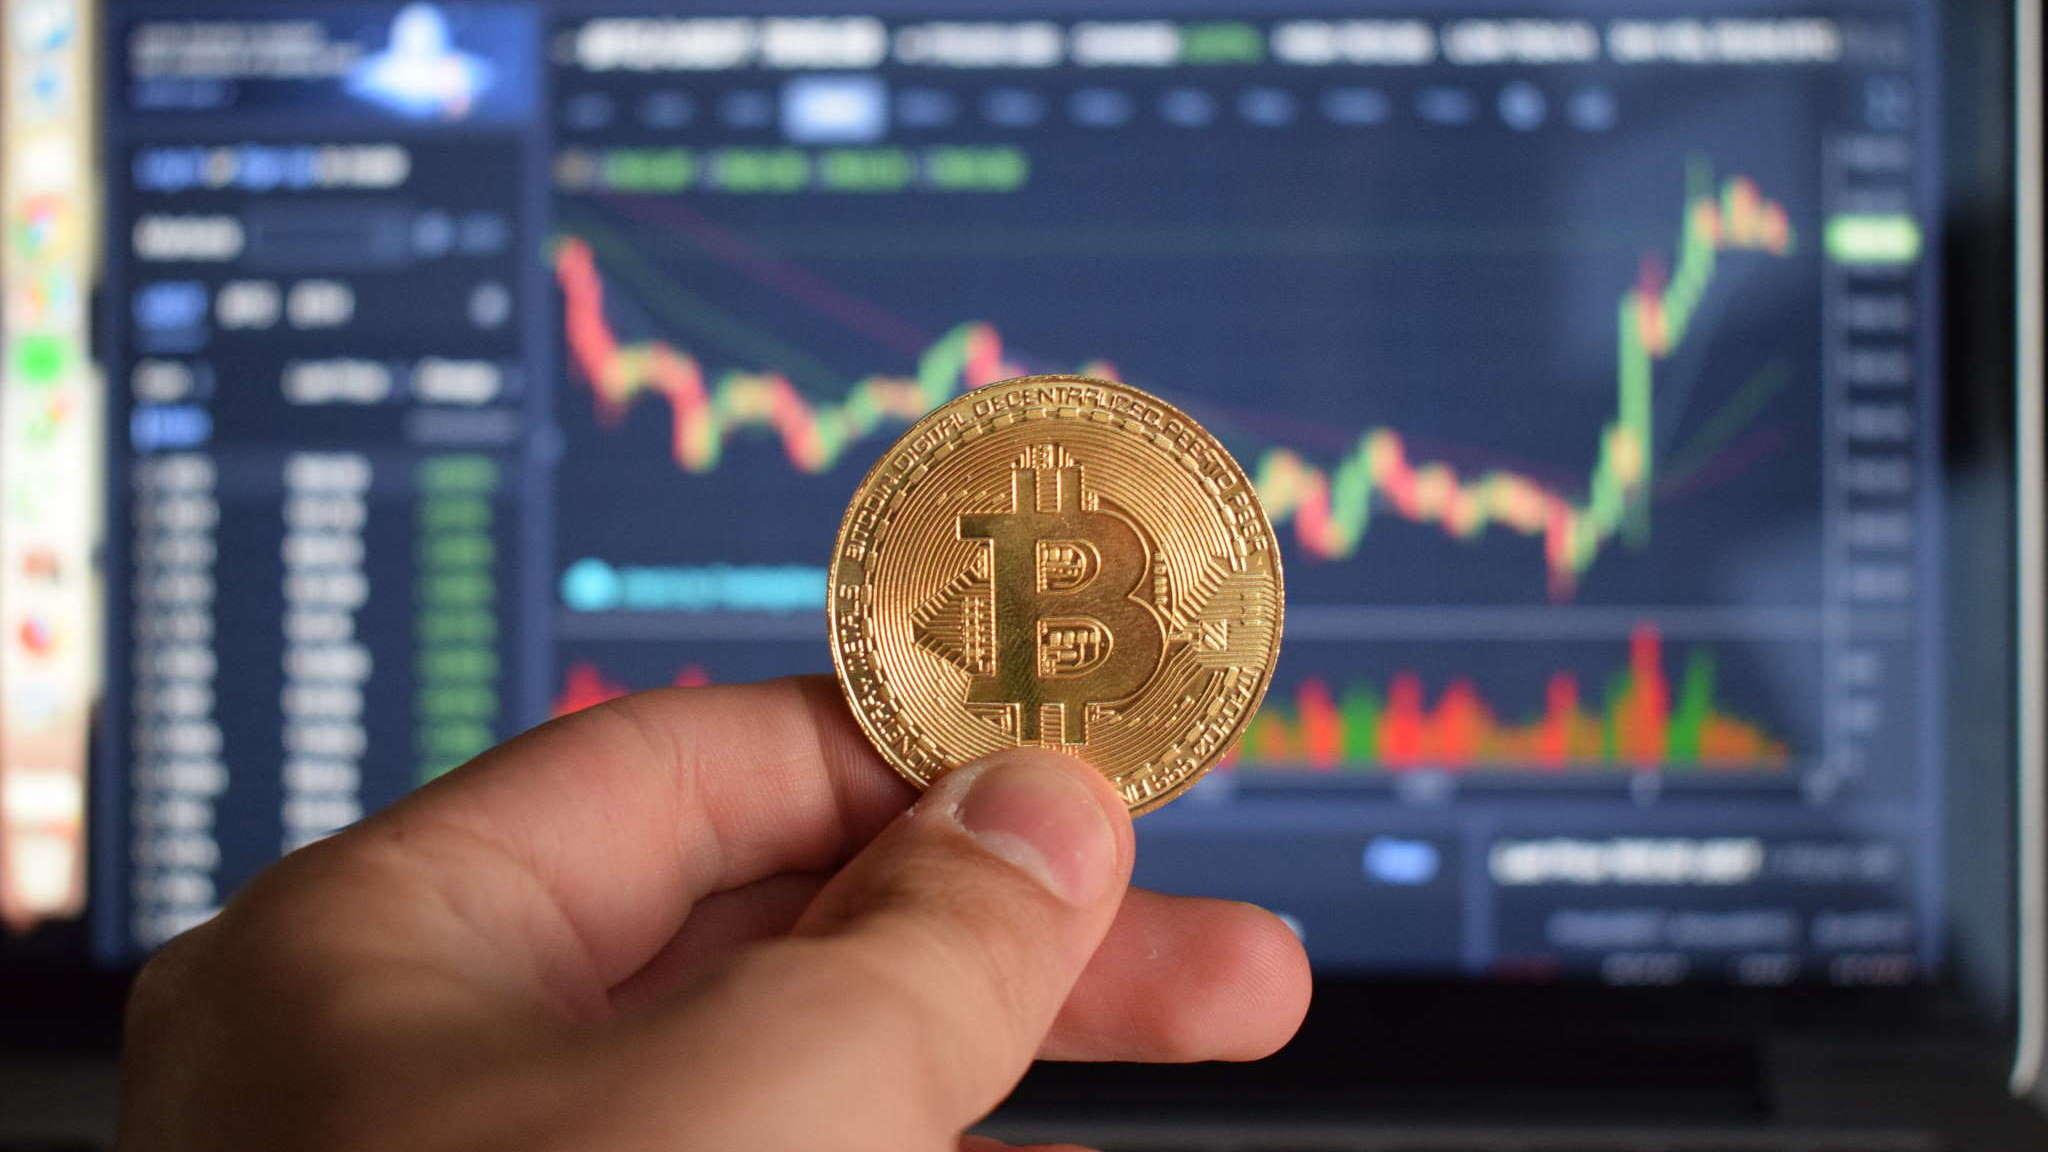 El regreso de Bitcoin, que se produce incluso más rápido que su anterior caída del fin de semana, marca el mejor rendimiento diario de Bitcoin